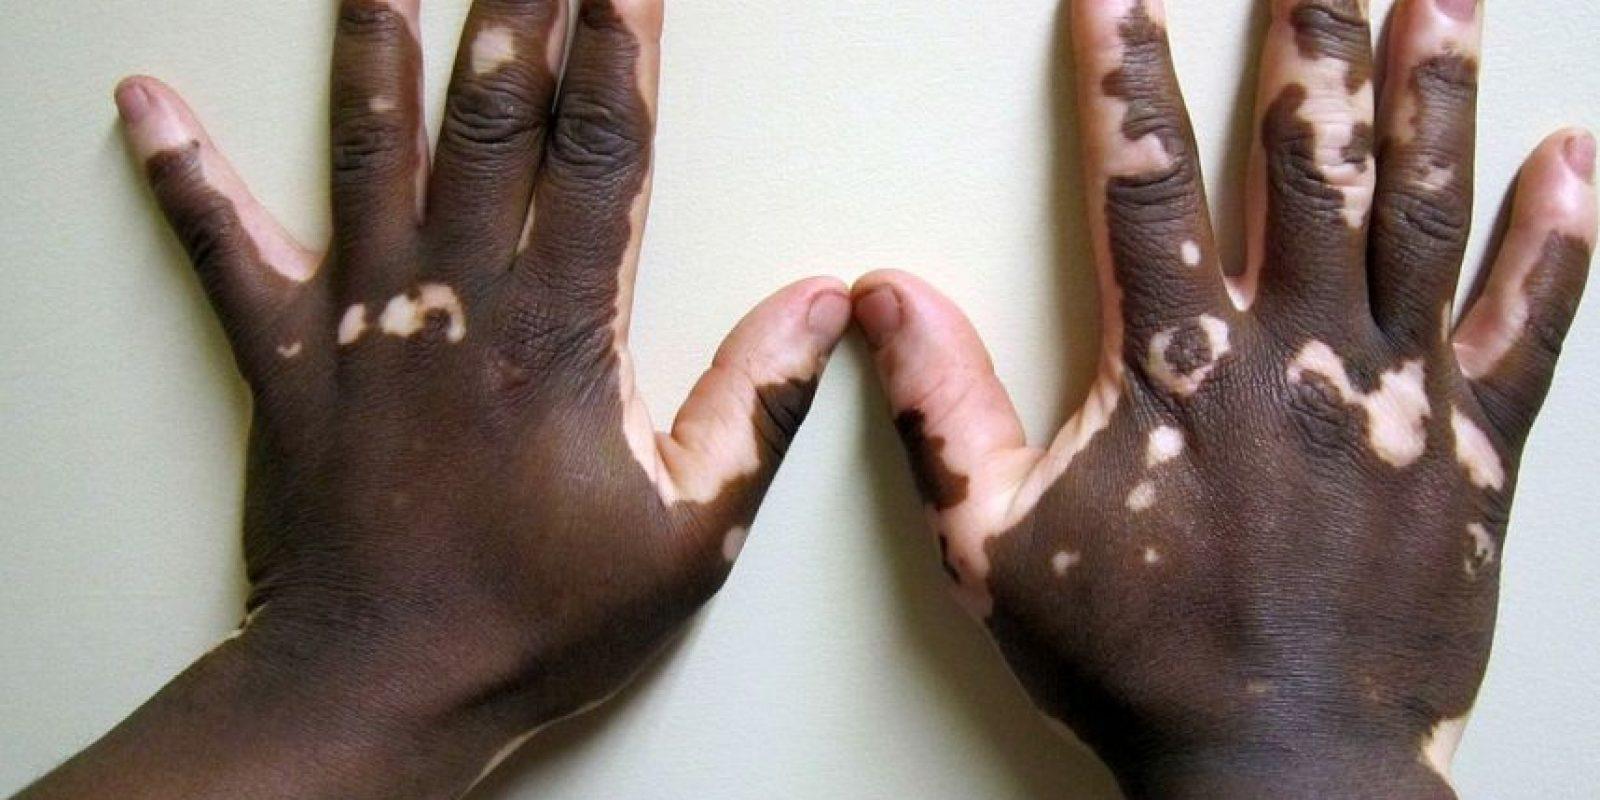 El vitíligo también puede ser hereditario. Los niños cuyos padres padecen de esta enfermedad tienen mayor probabilidad de desarrollar vitíligo. Foto:Wikipedia